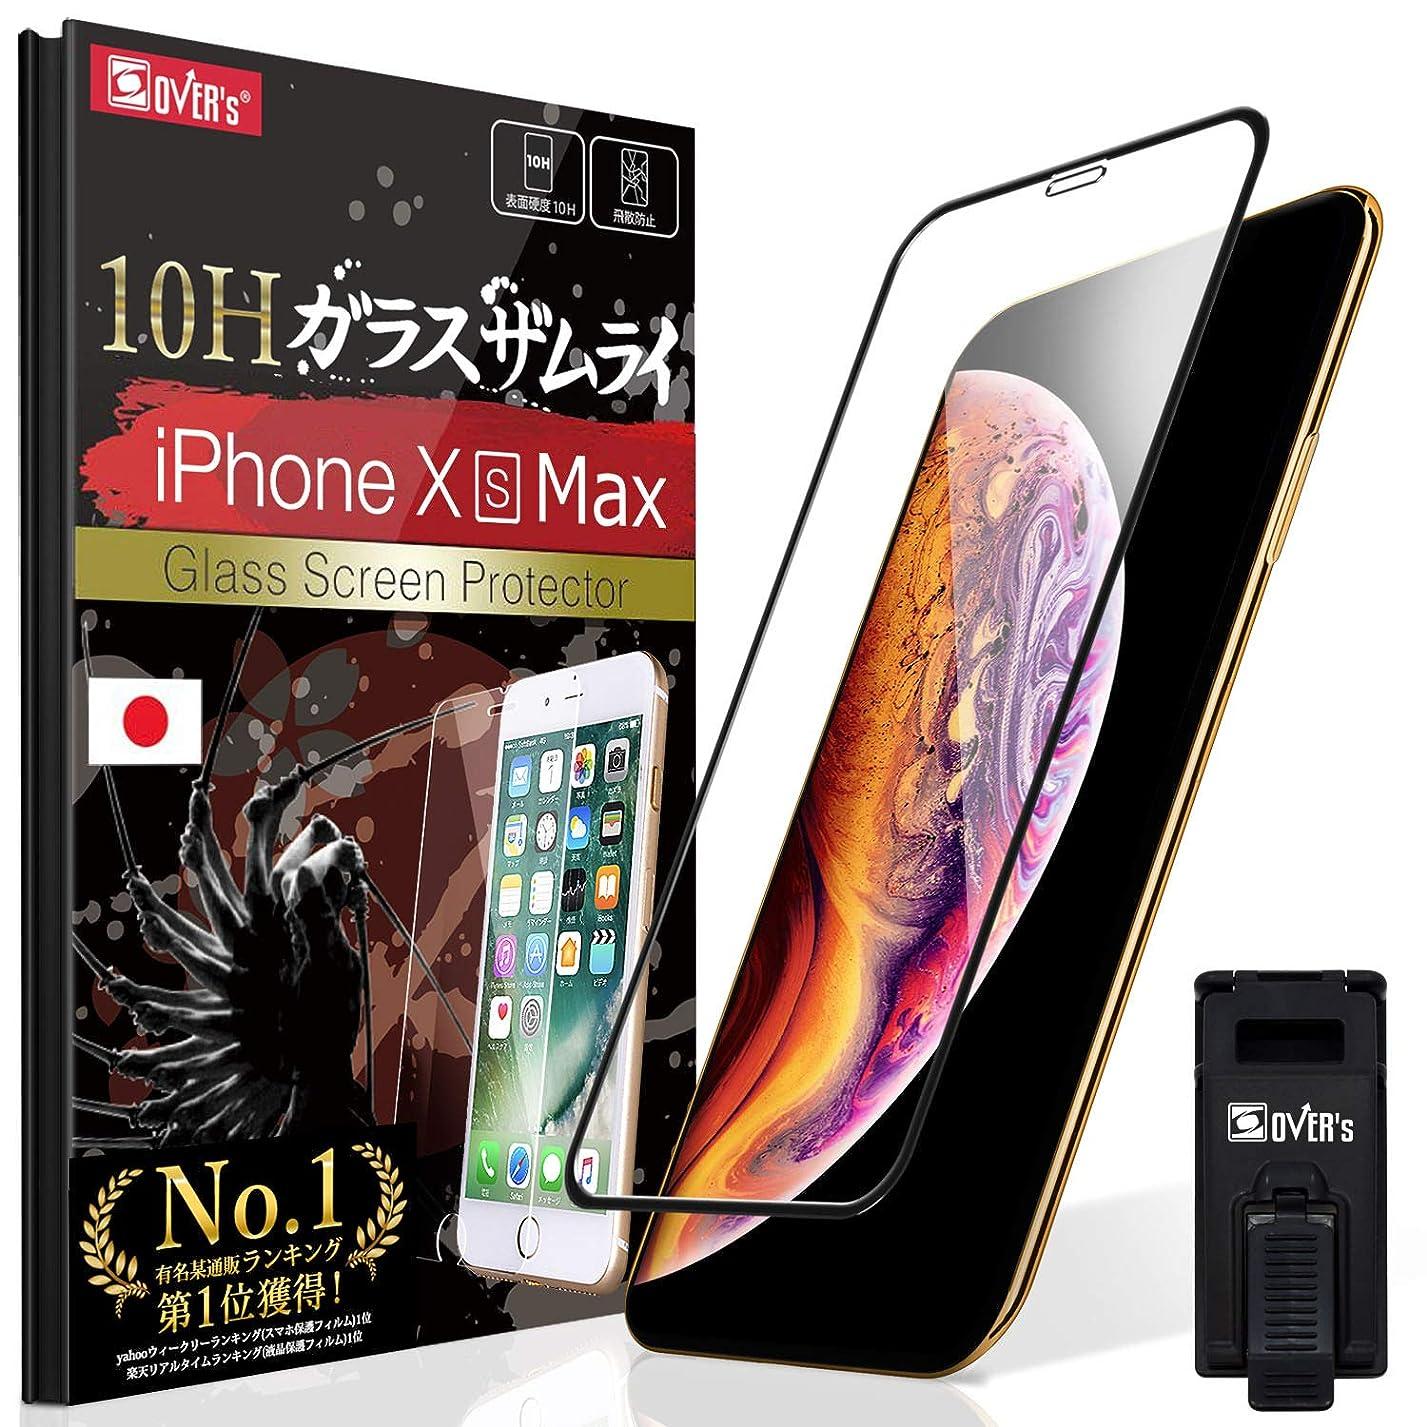 アンドリューハリディ接触敬な【 iPhone XS Max / iPhone11 pro max ガラスフィルム (日本製)】 iPhone XS Max フィルム [ 全面吸着タイプ (黒縁)] [ 米軍MIL規格取得 ] [ 4D全面保護 ] OVER's ガラスザムライ (らくらくクリップ付き)